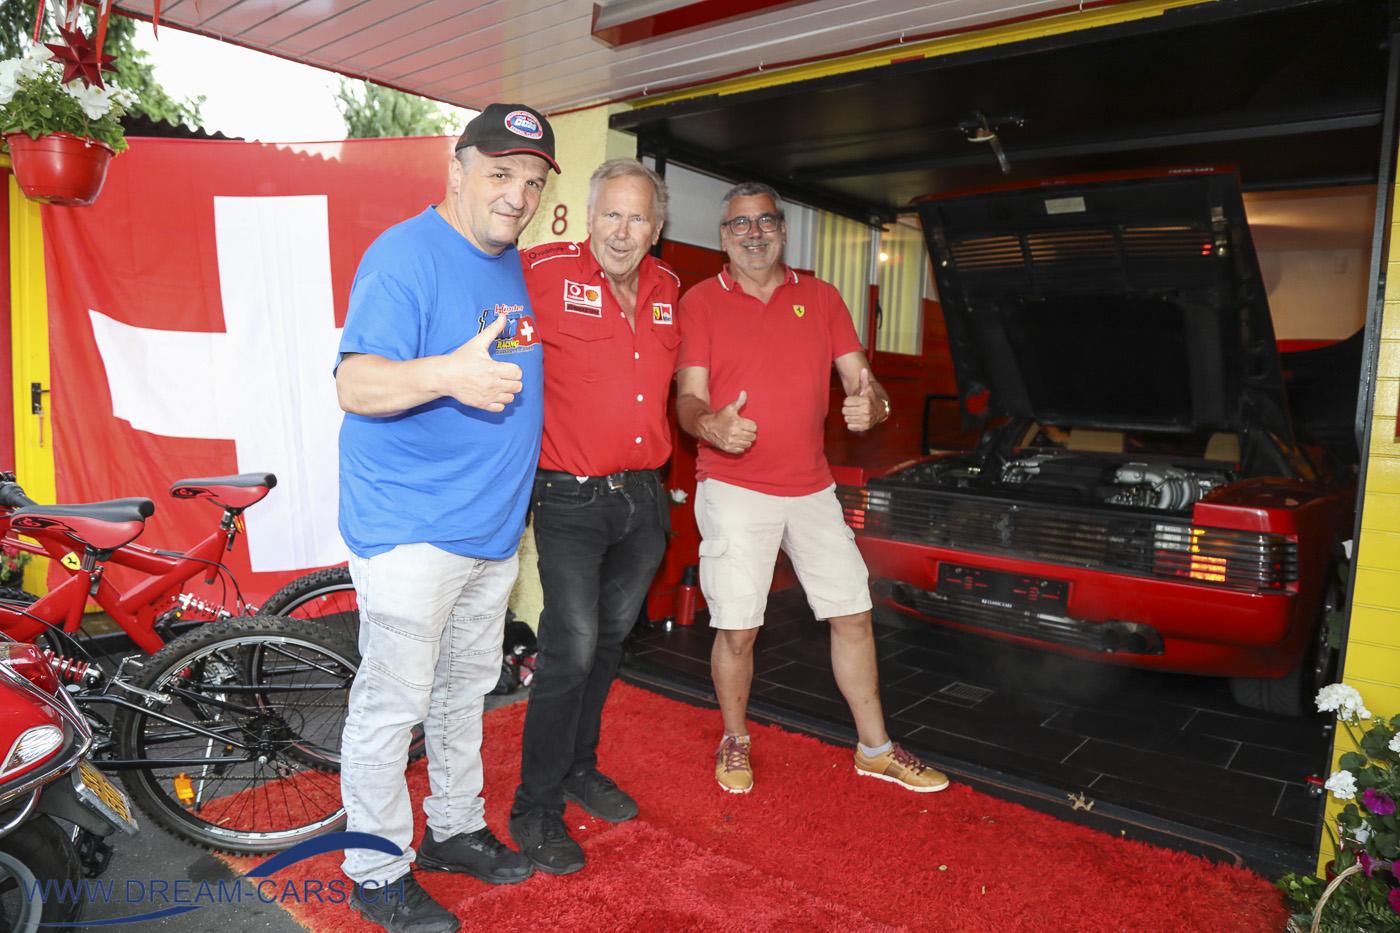 Joe's Ferrarihome Oberbüren, Besuch vom 22.06.2021. Von links Elio Crestani, Joe Kaiser, Fredi Vollenweider